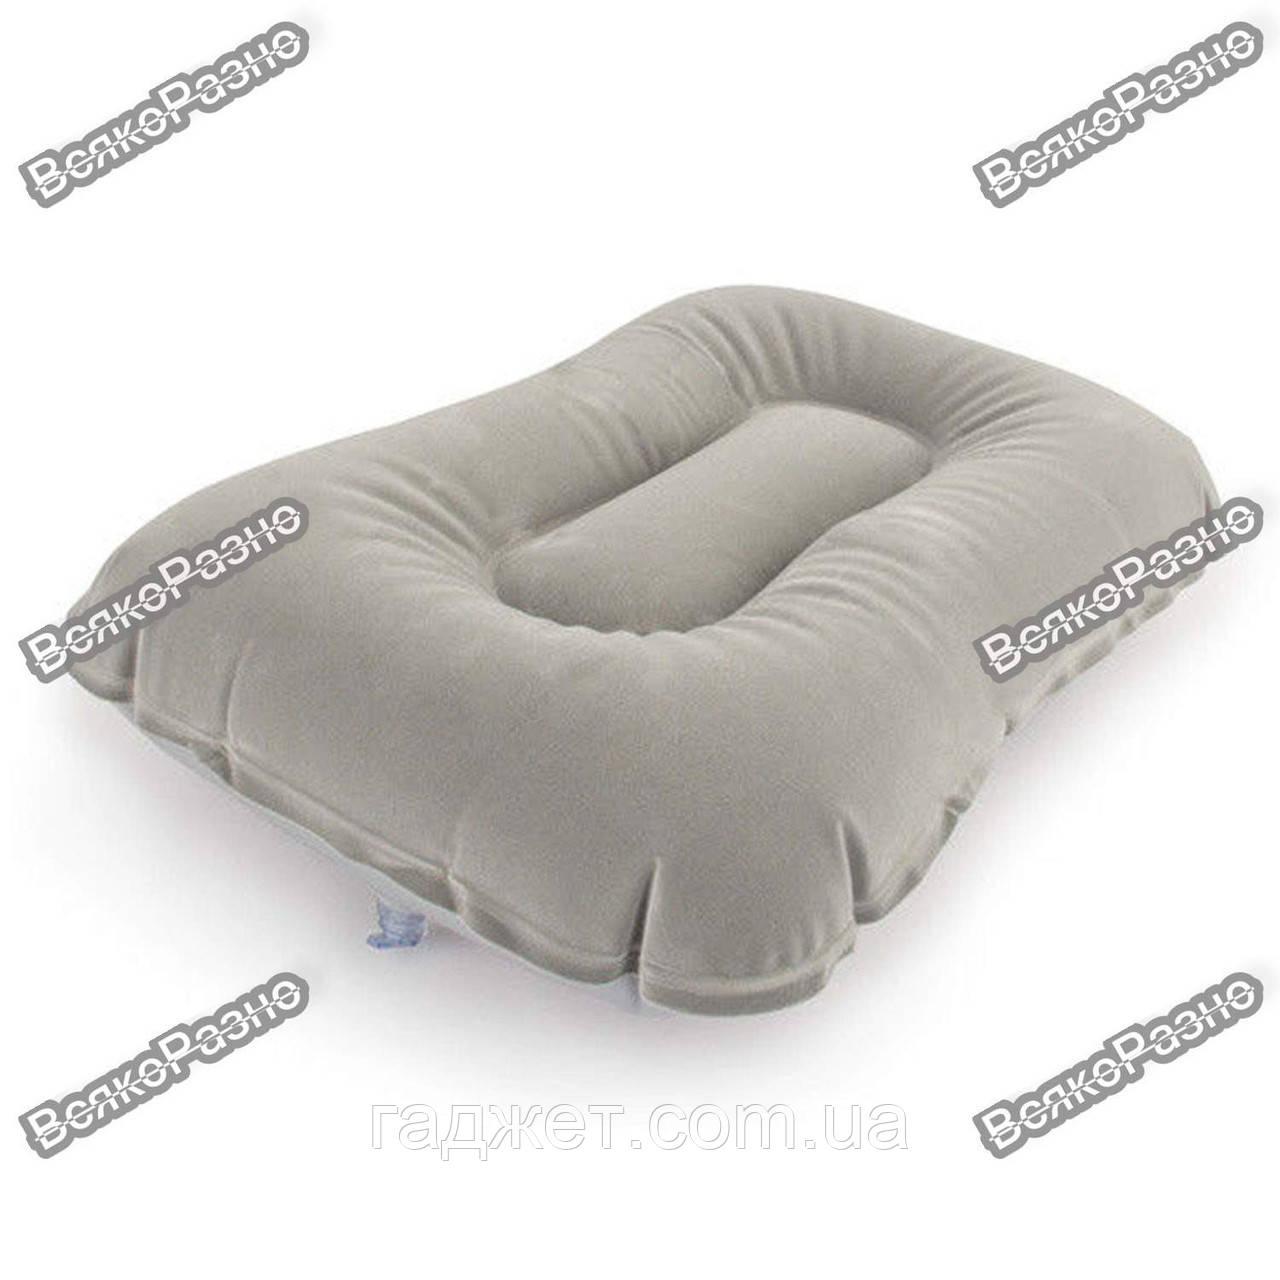 Подушка надувная Bestway